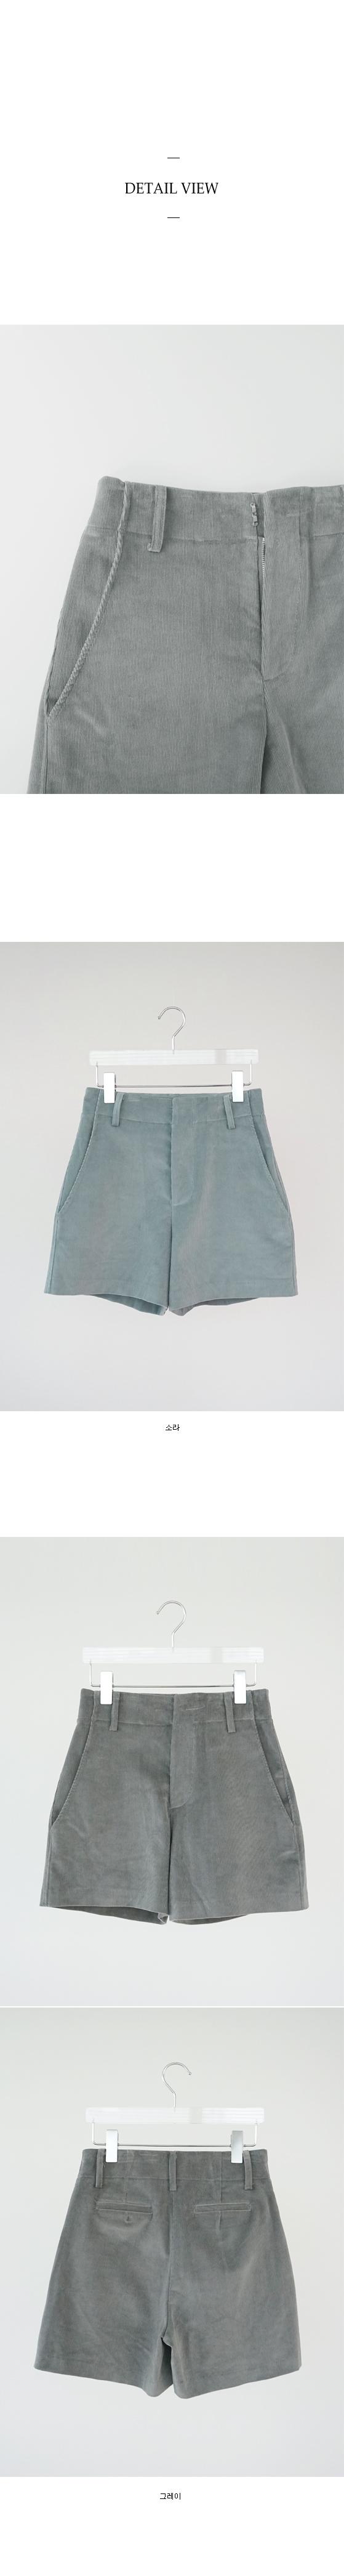 corduroy A-line shorts (2colors)